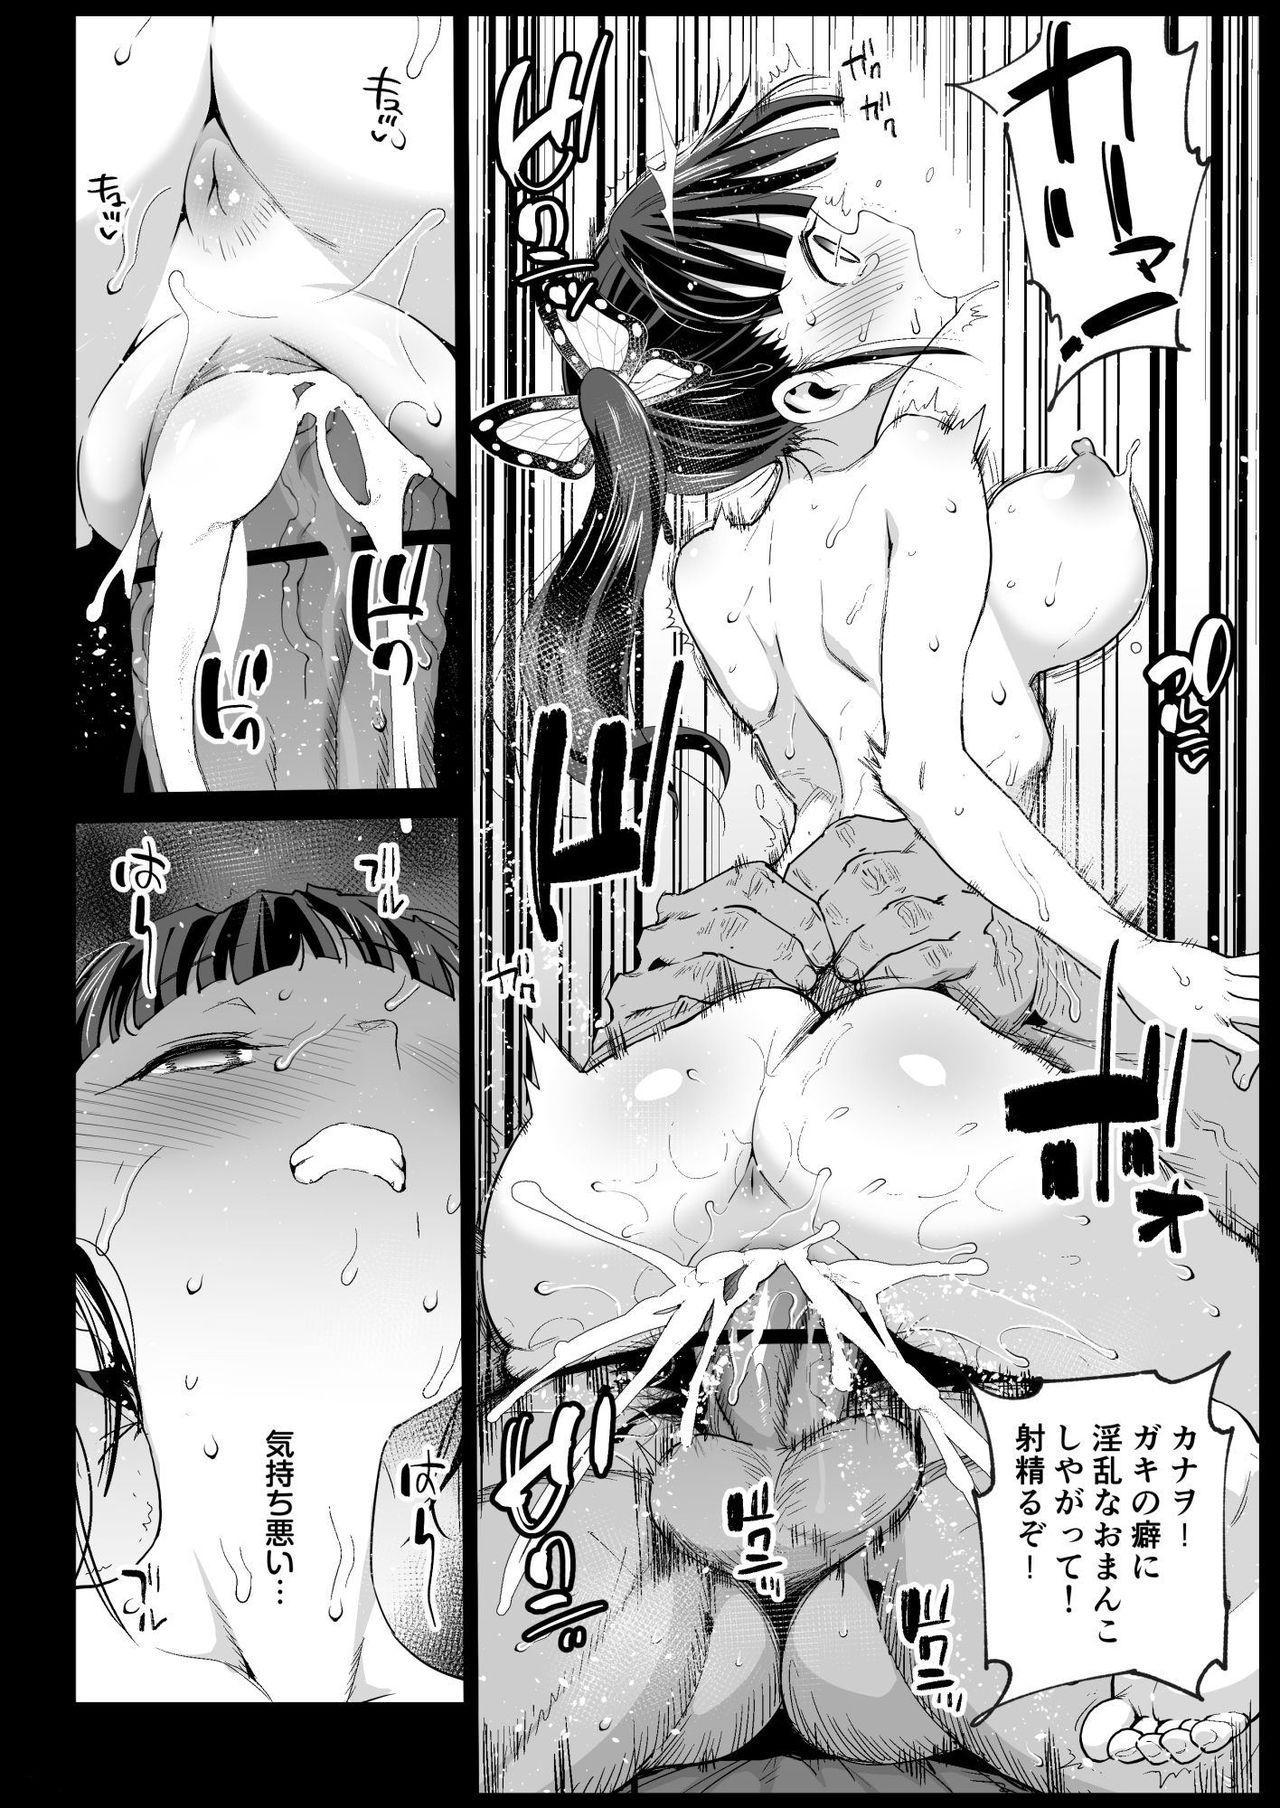 Kana o muhyōjō kan - RAPE OF DEMON SLAYER 3 20